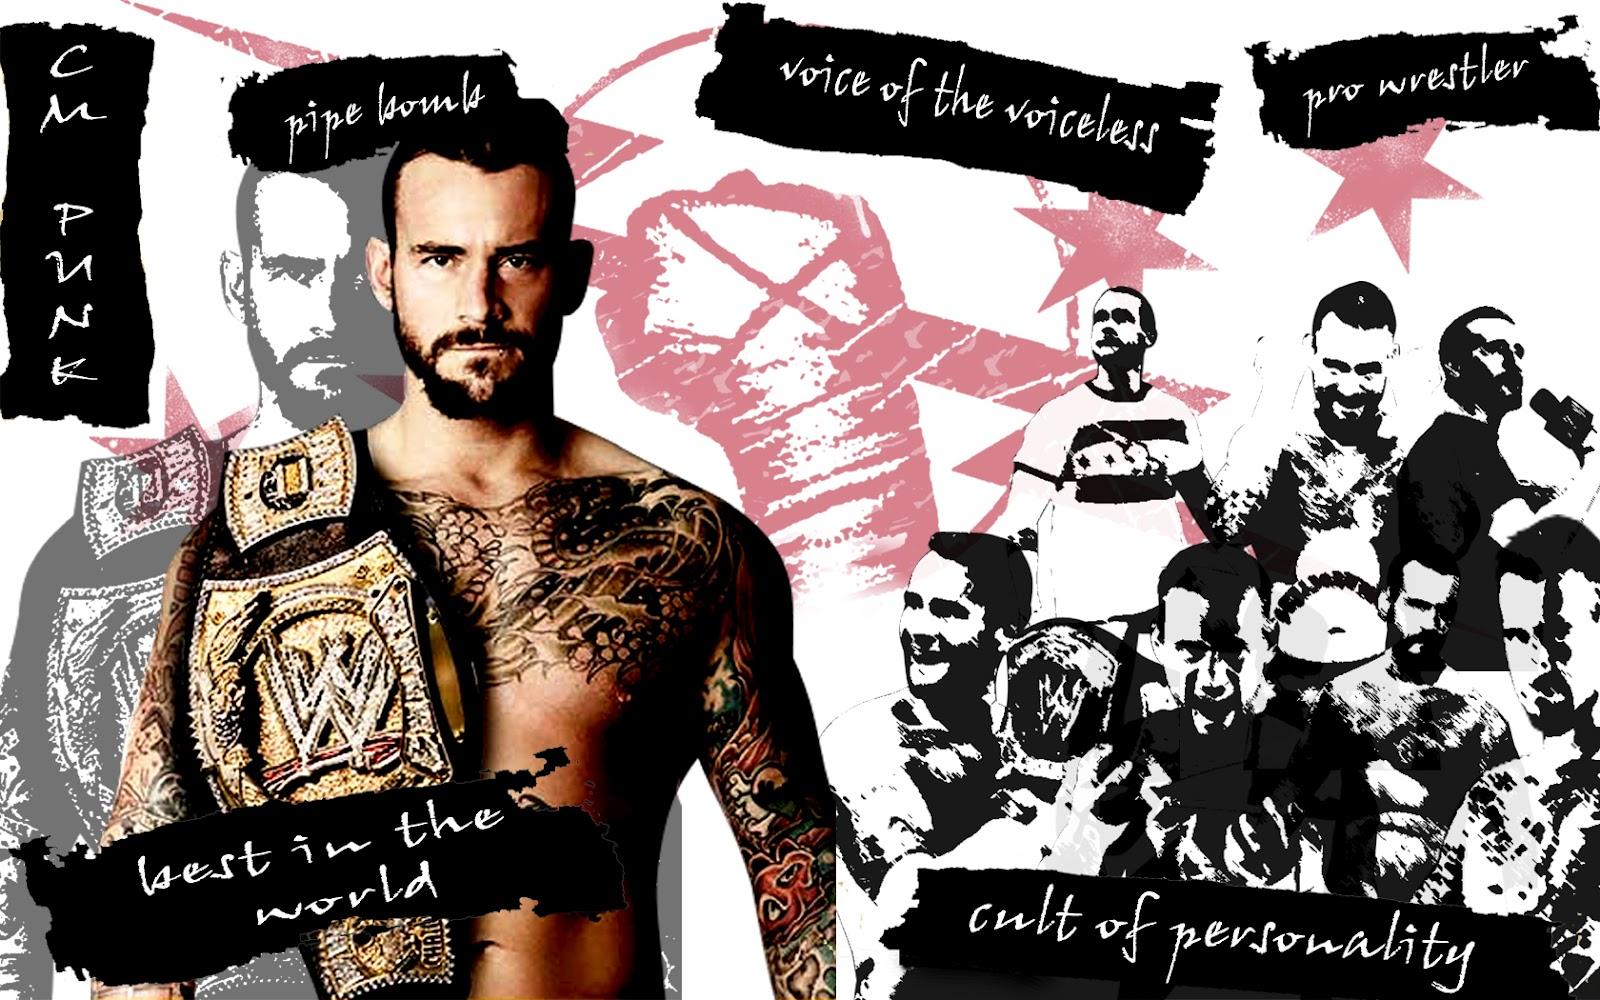 http://3.bp.blogspot.com/-vLnxCEgYKk4/UK-EB_FNSxI/AAAAAAAANgw/8SMZreb10wQ/s1600/Cm+Punk-2012-wallpaper-hd-04.jpg